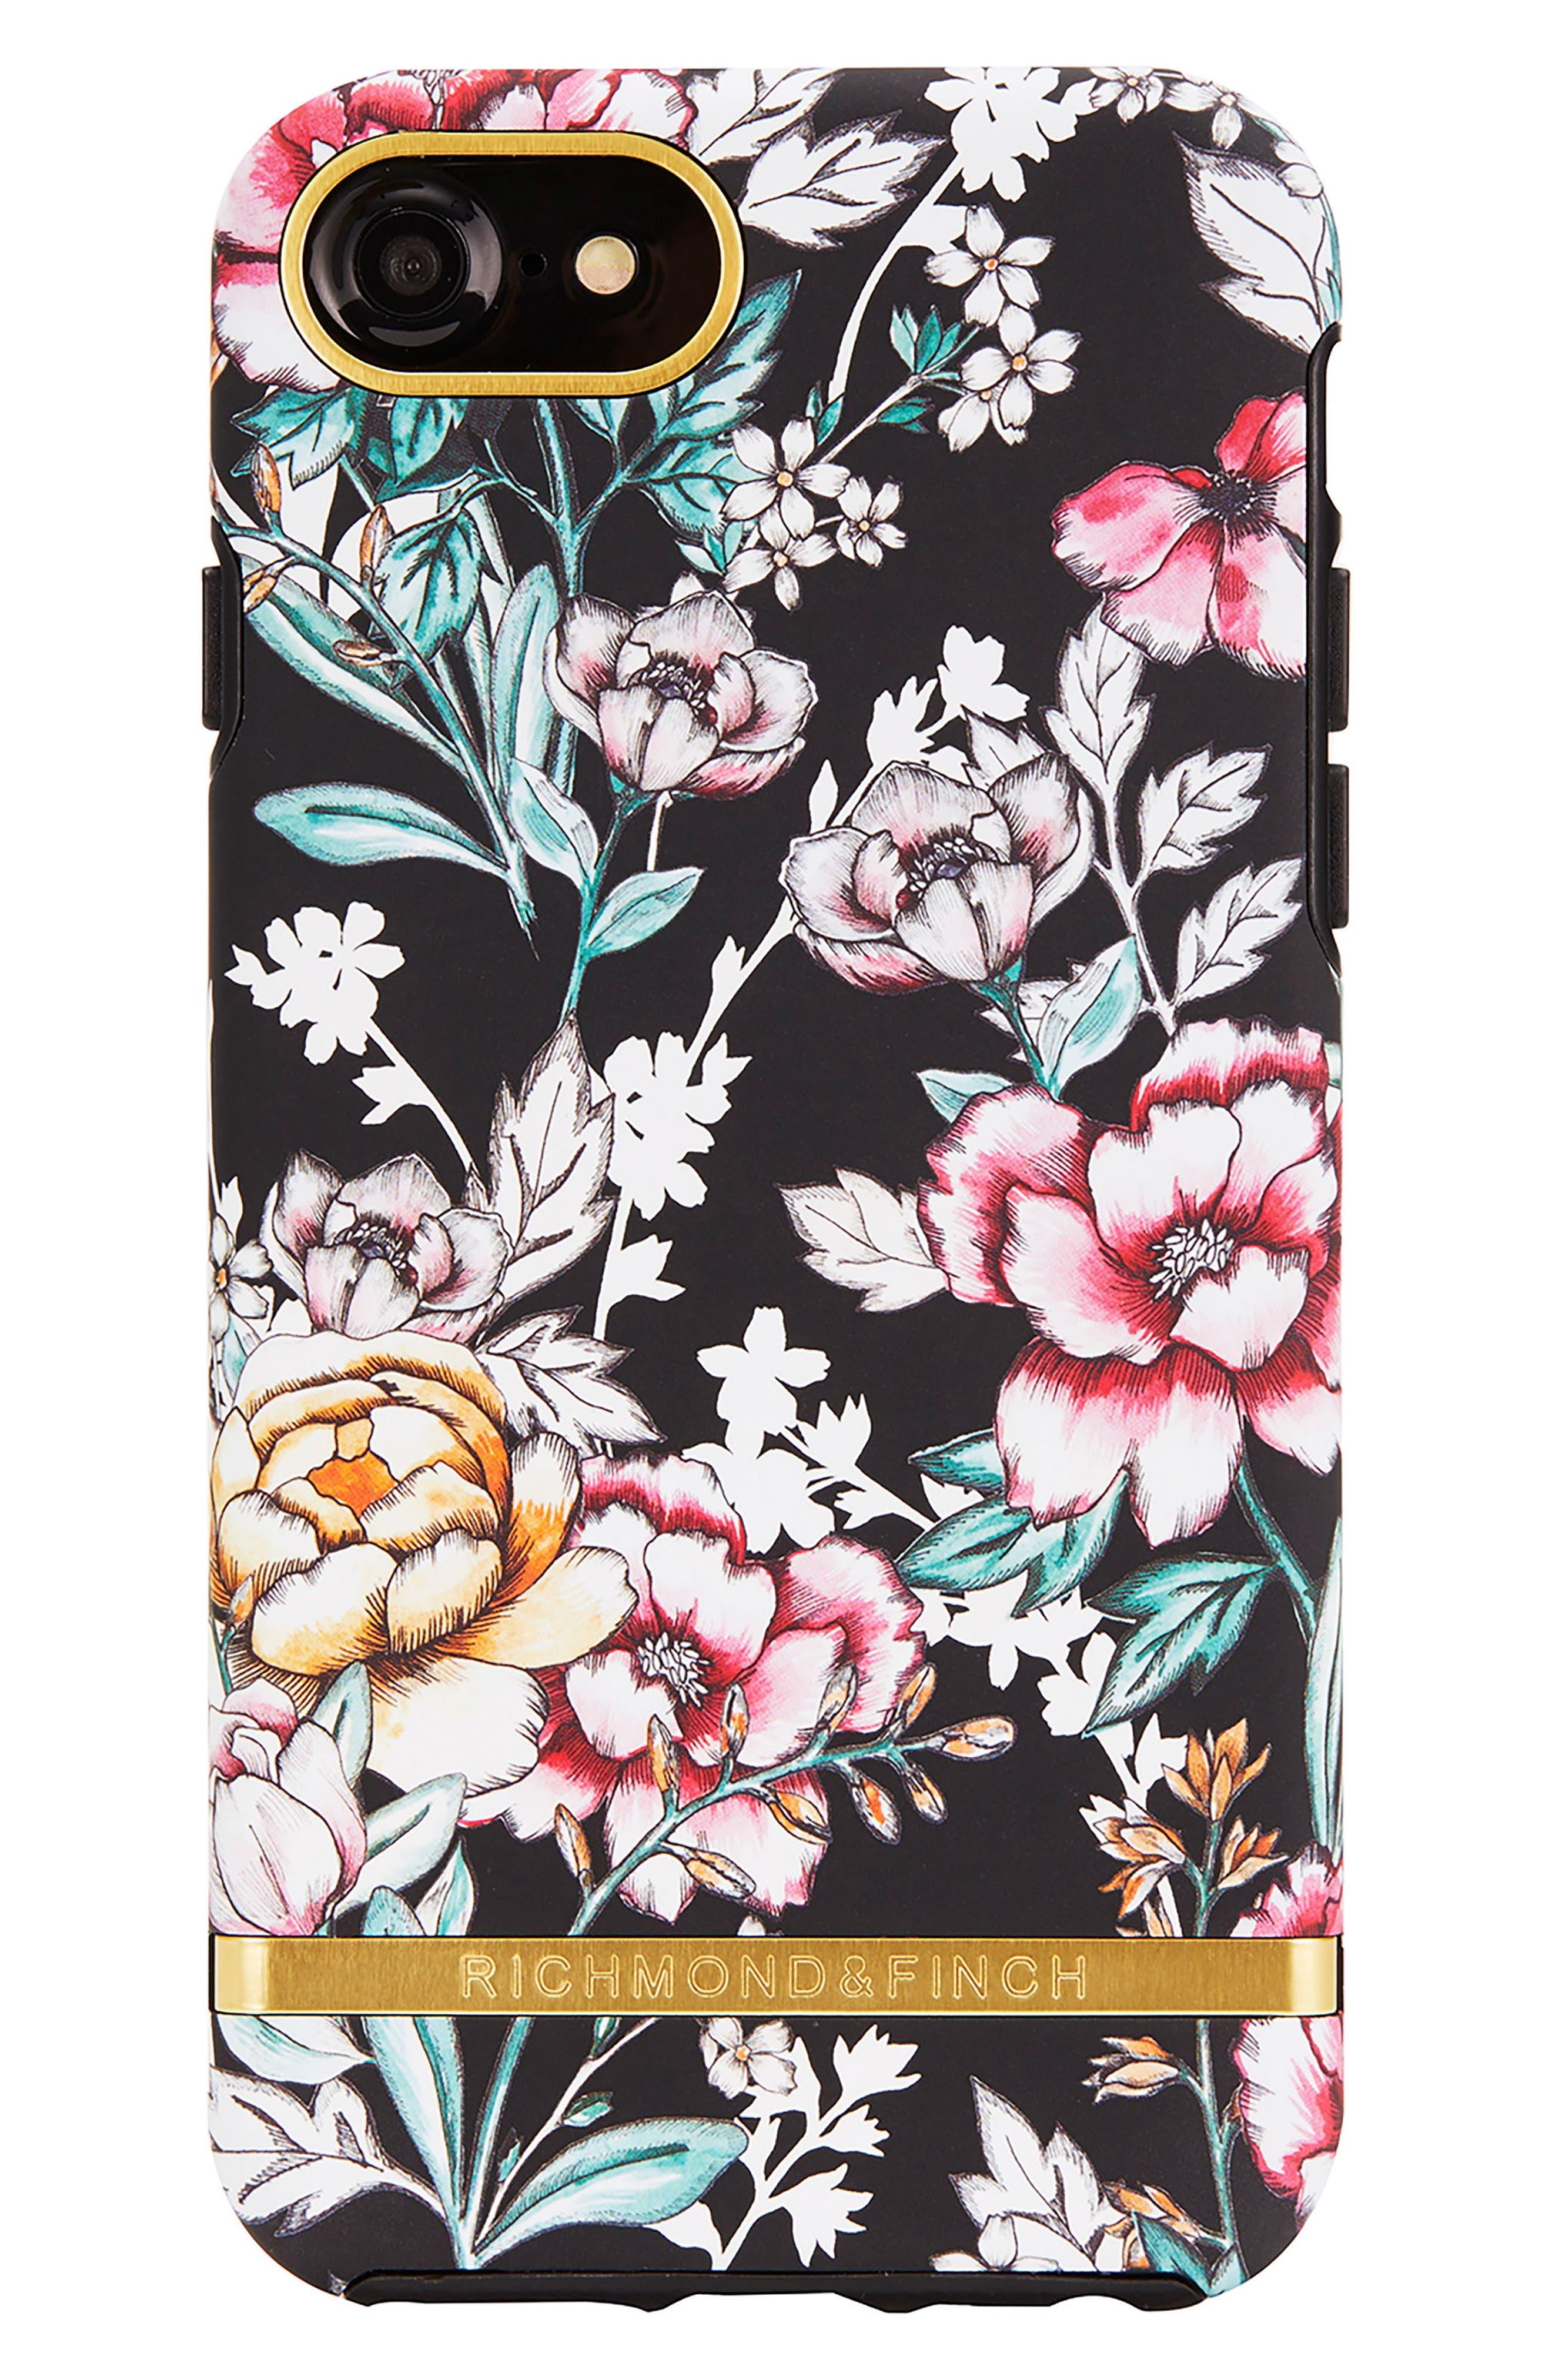 Richmond & Finch Floral Print iPhone 6/6s/7/8 & 6/6s/7/8 Plus Case,                             Main thumbnail 1, color,                             Black Floral